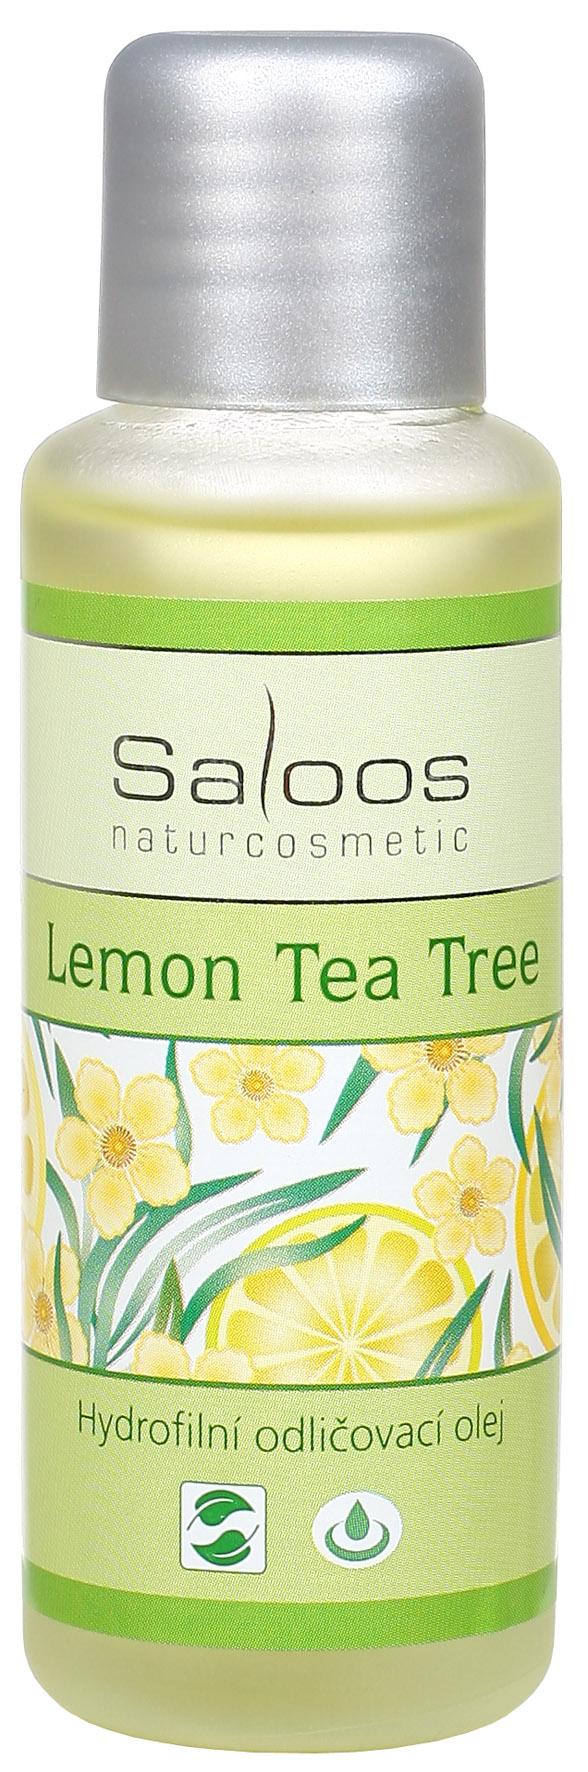 Saloos Lemon Tea tree - hydrofilný odličovací olej 50 50 ml